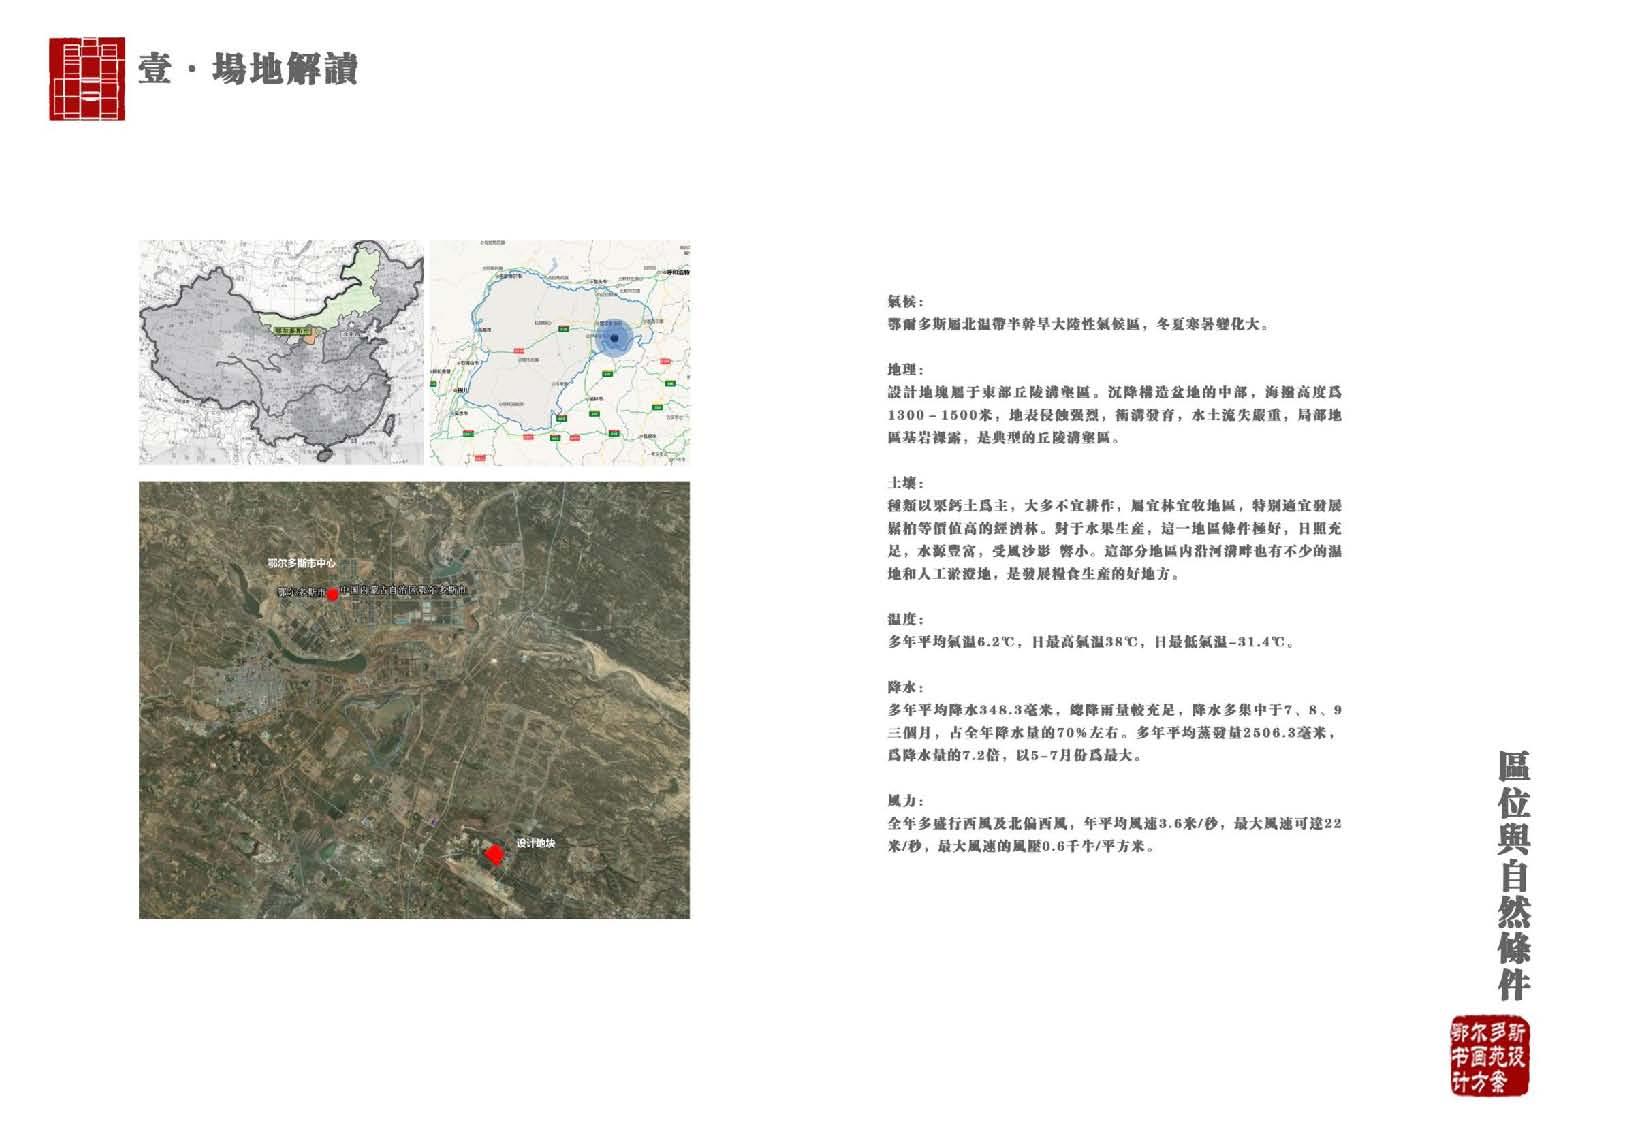 [鄂尔多斯]河套文化书画公园景观设计方案图片1